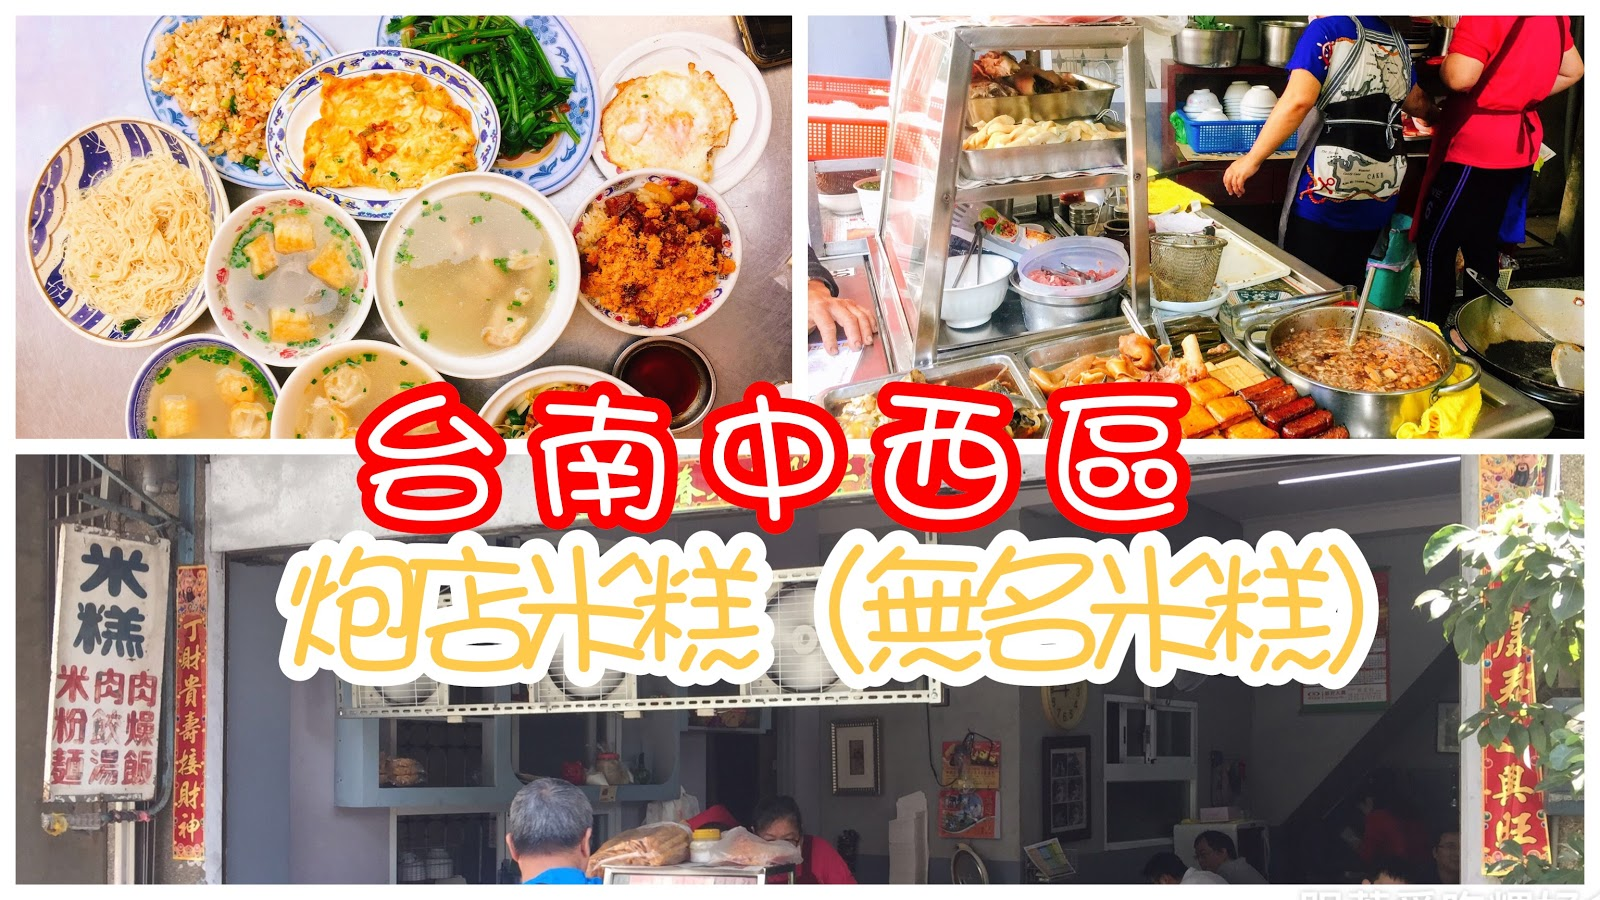 台南中西區美食巷弄銅板美食炮店米糕無名米糕